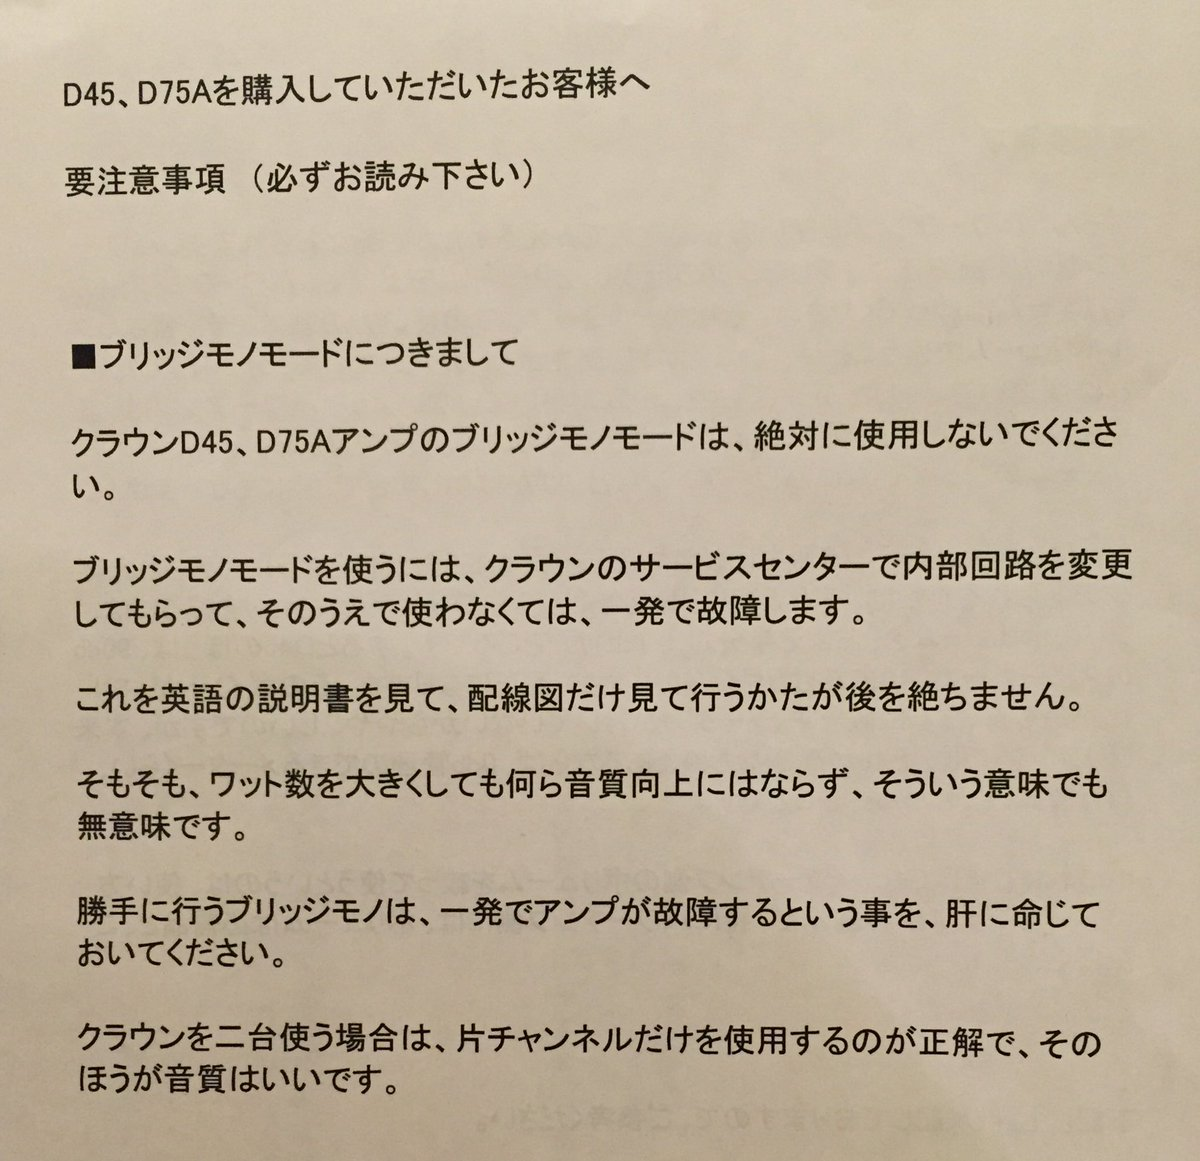 石田ショーキチ氏からお借りしたパワーアンプの中に入っていた輸入代理店作成注意書きがキレ気味で面白かった。 https://t.co/K1bBZzx1Jx